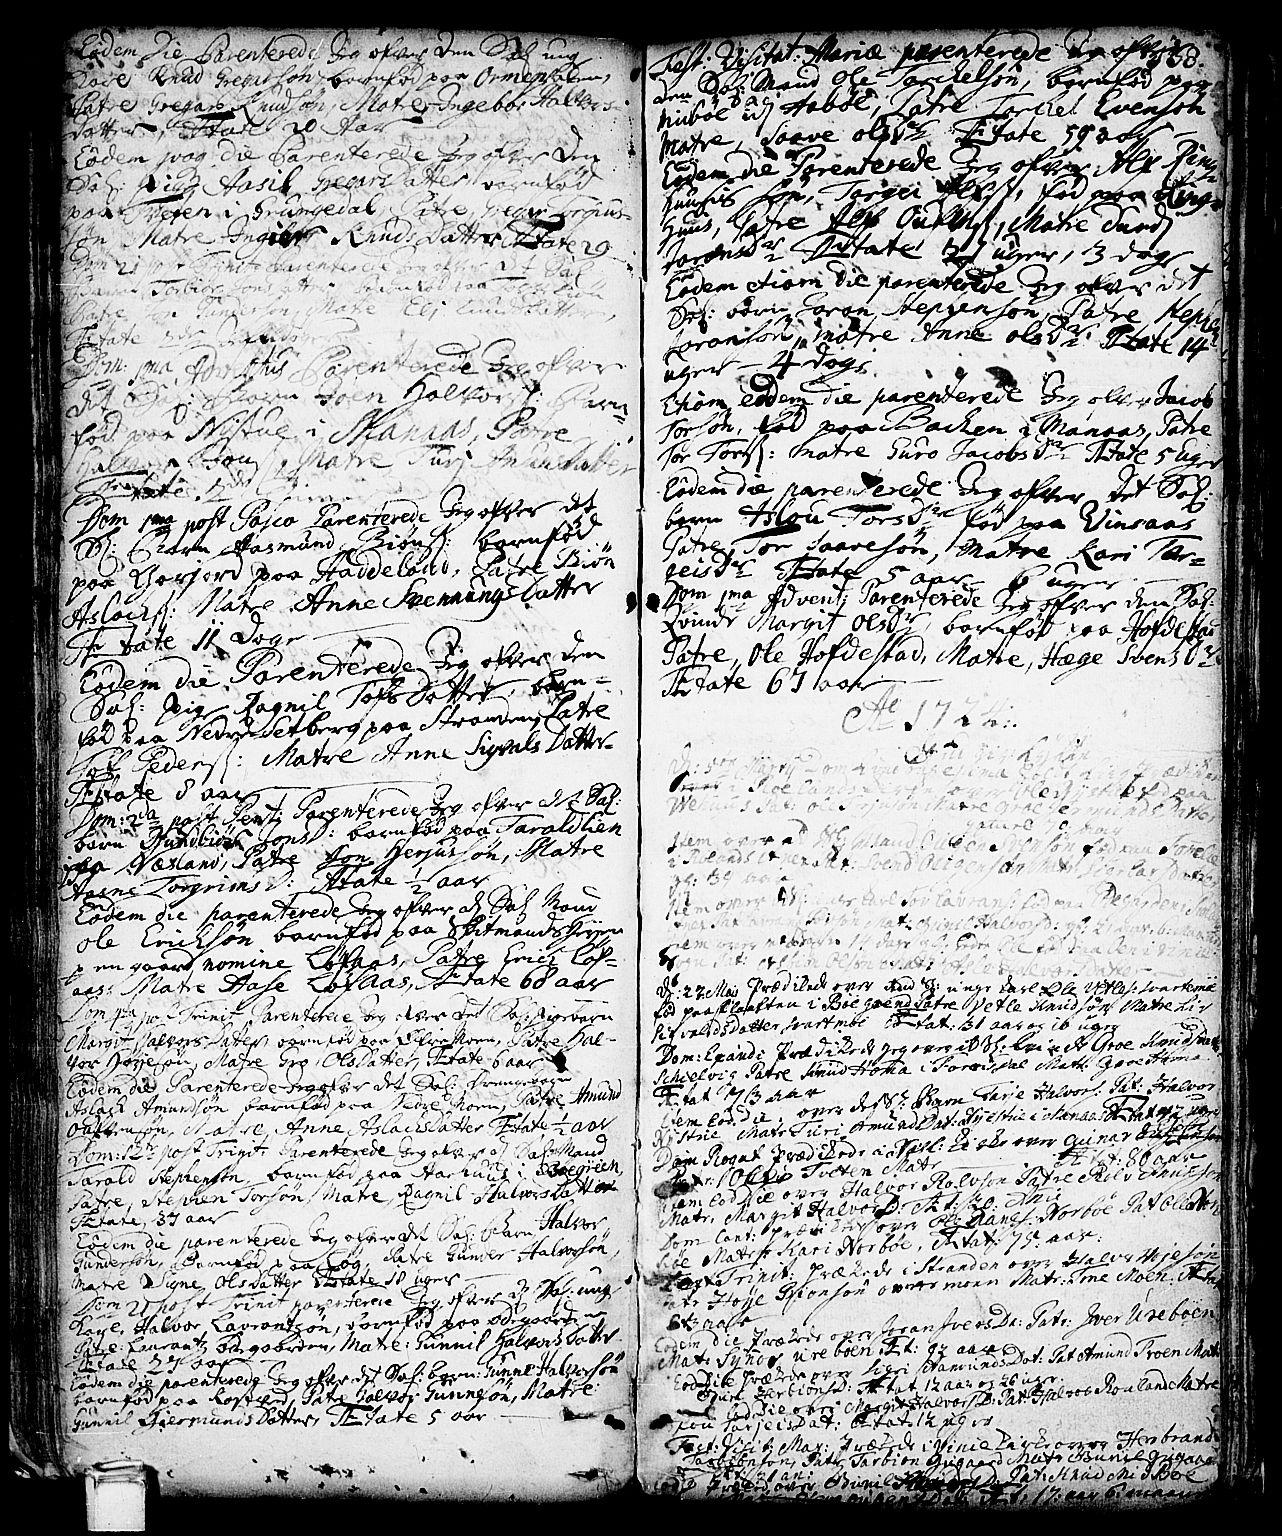 SAKO, Vinje kirkebøker, F/Fa/L0001: Ministerialbok nr. I 1, 1717-1766, s. 138